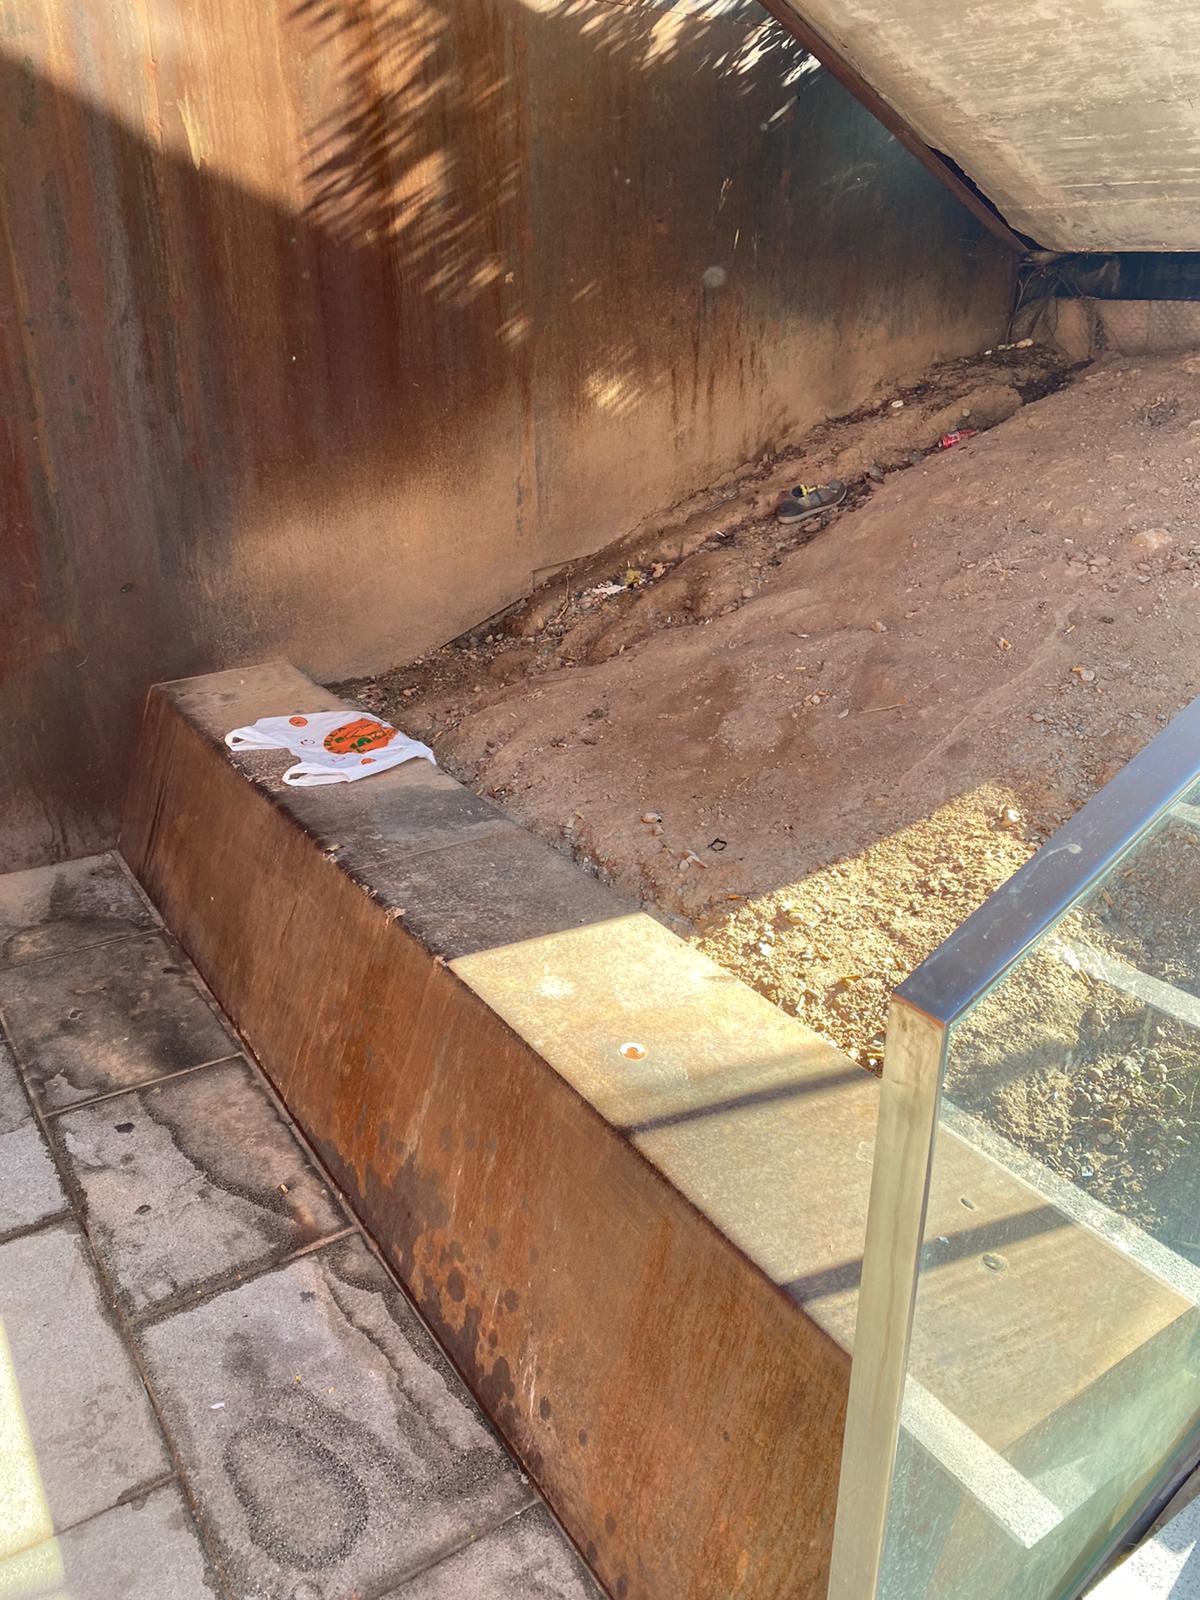 VOX denuncia los problemas de seguridad y limpieza en La Caleta y el entorno del Hospital Virgen de las Nieves